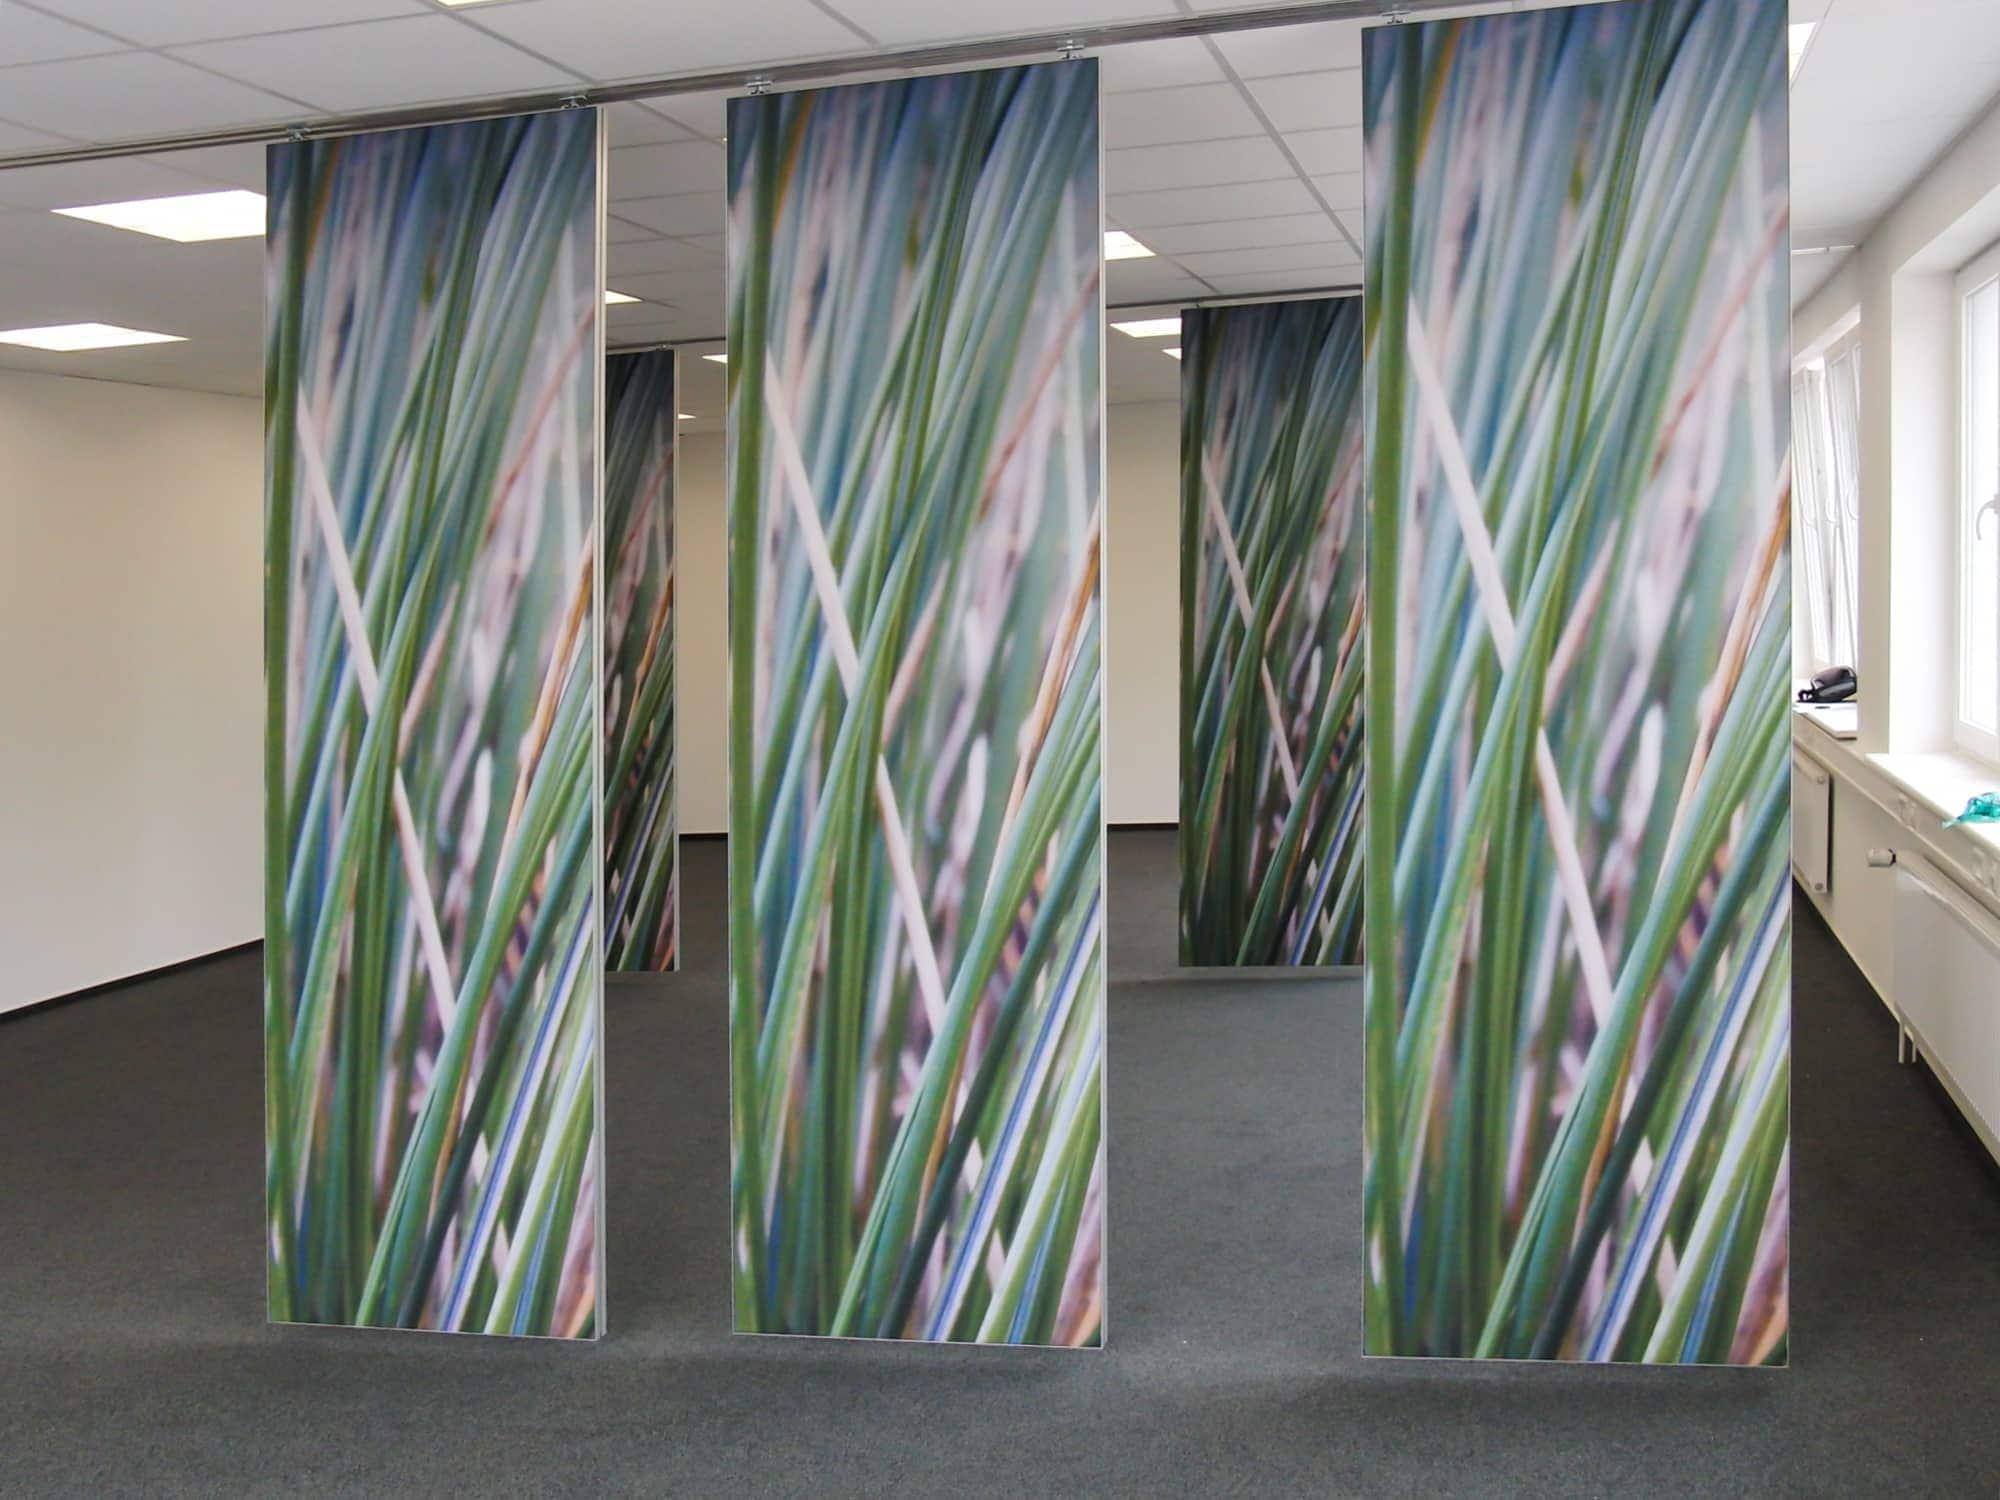 Raumteiler für ein Hamburger Büro mit von der Decke abgehängten Raumteilern